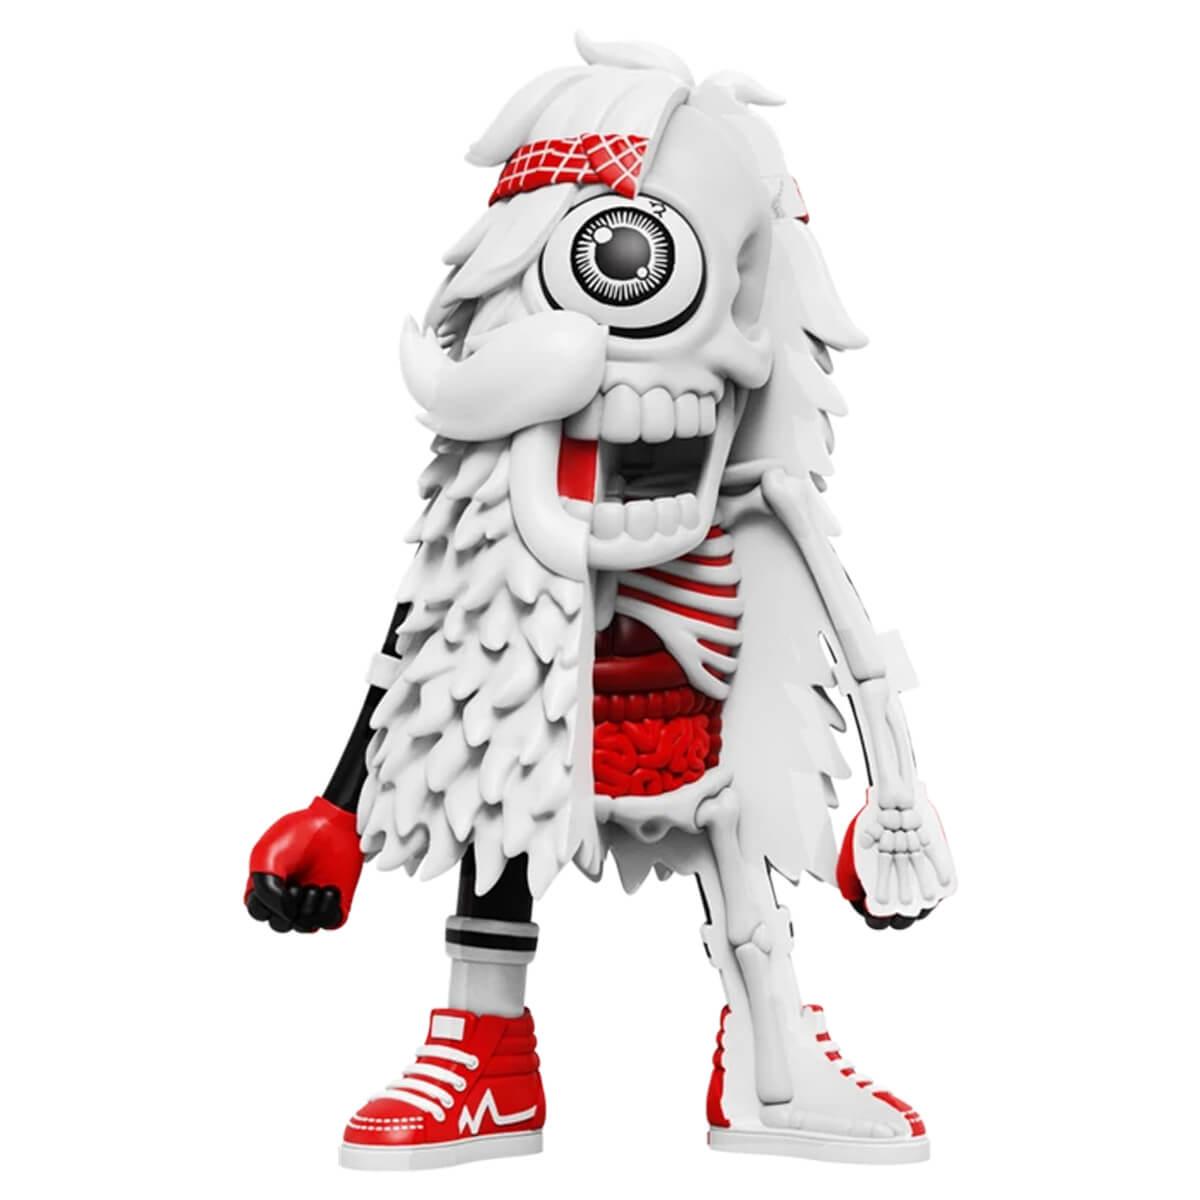 マイティージャックス MIGHTY JAXX DISSECTED MISTER HELLYEAH (WHITE EDITION) フィギュア 海外限定 国内未発売 デザイナートイ 人形 おもちゃ インテリア WHITE ホワイト